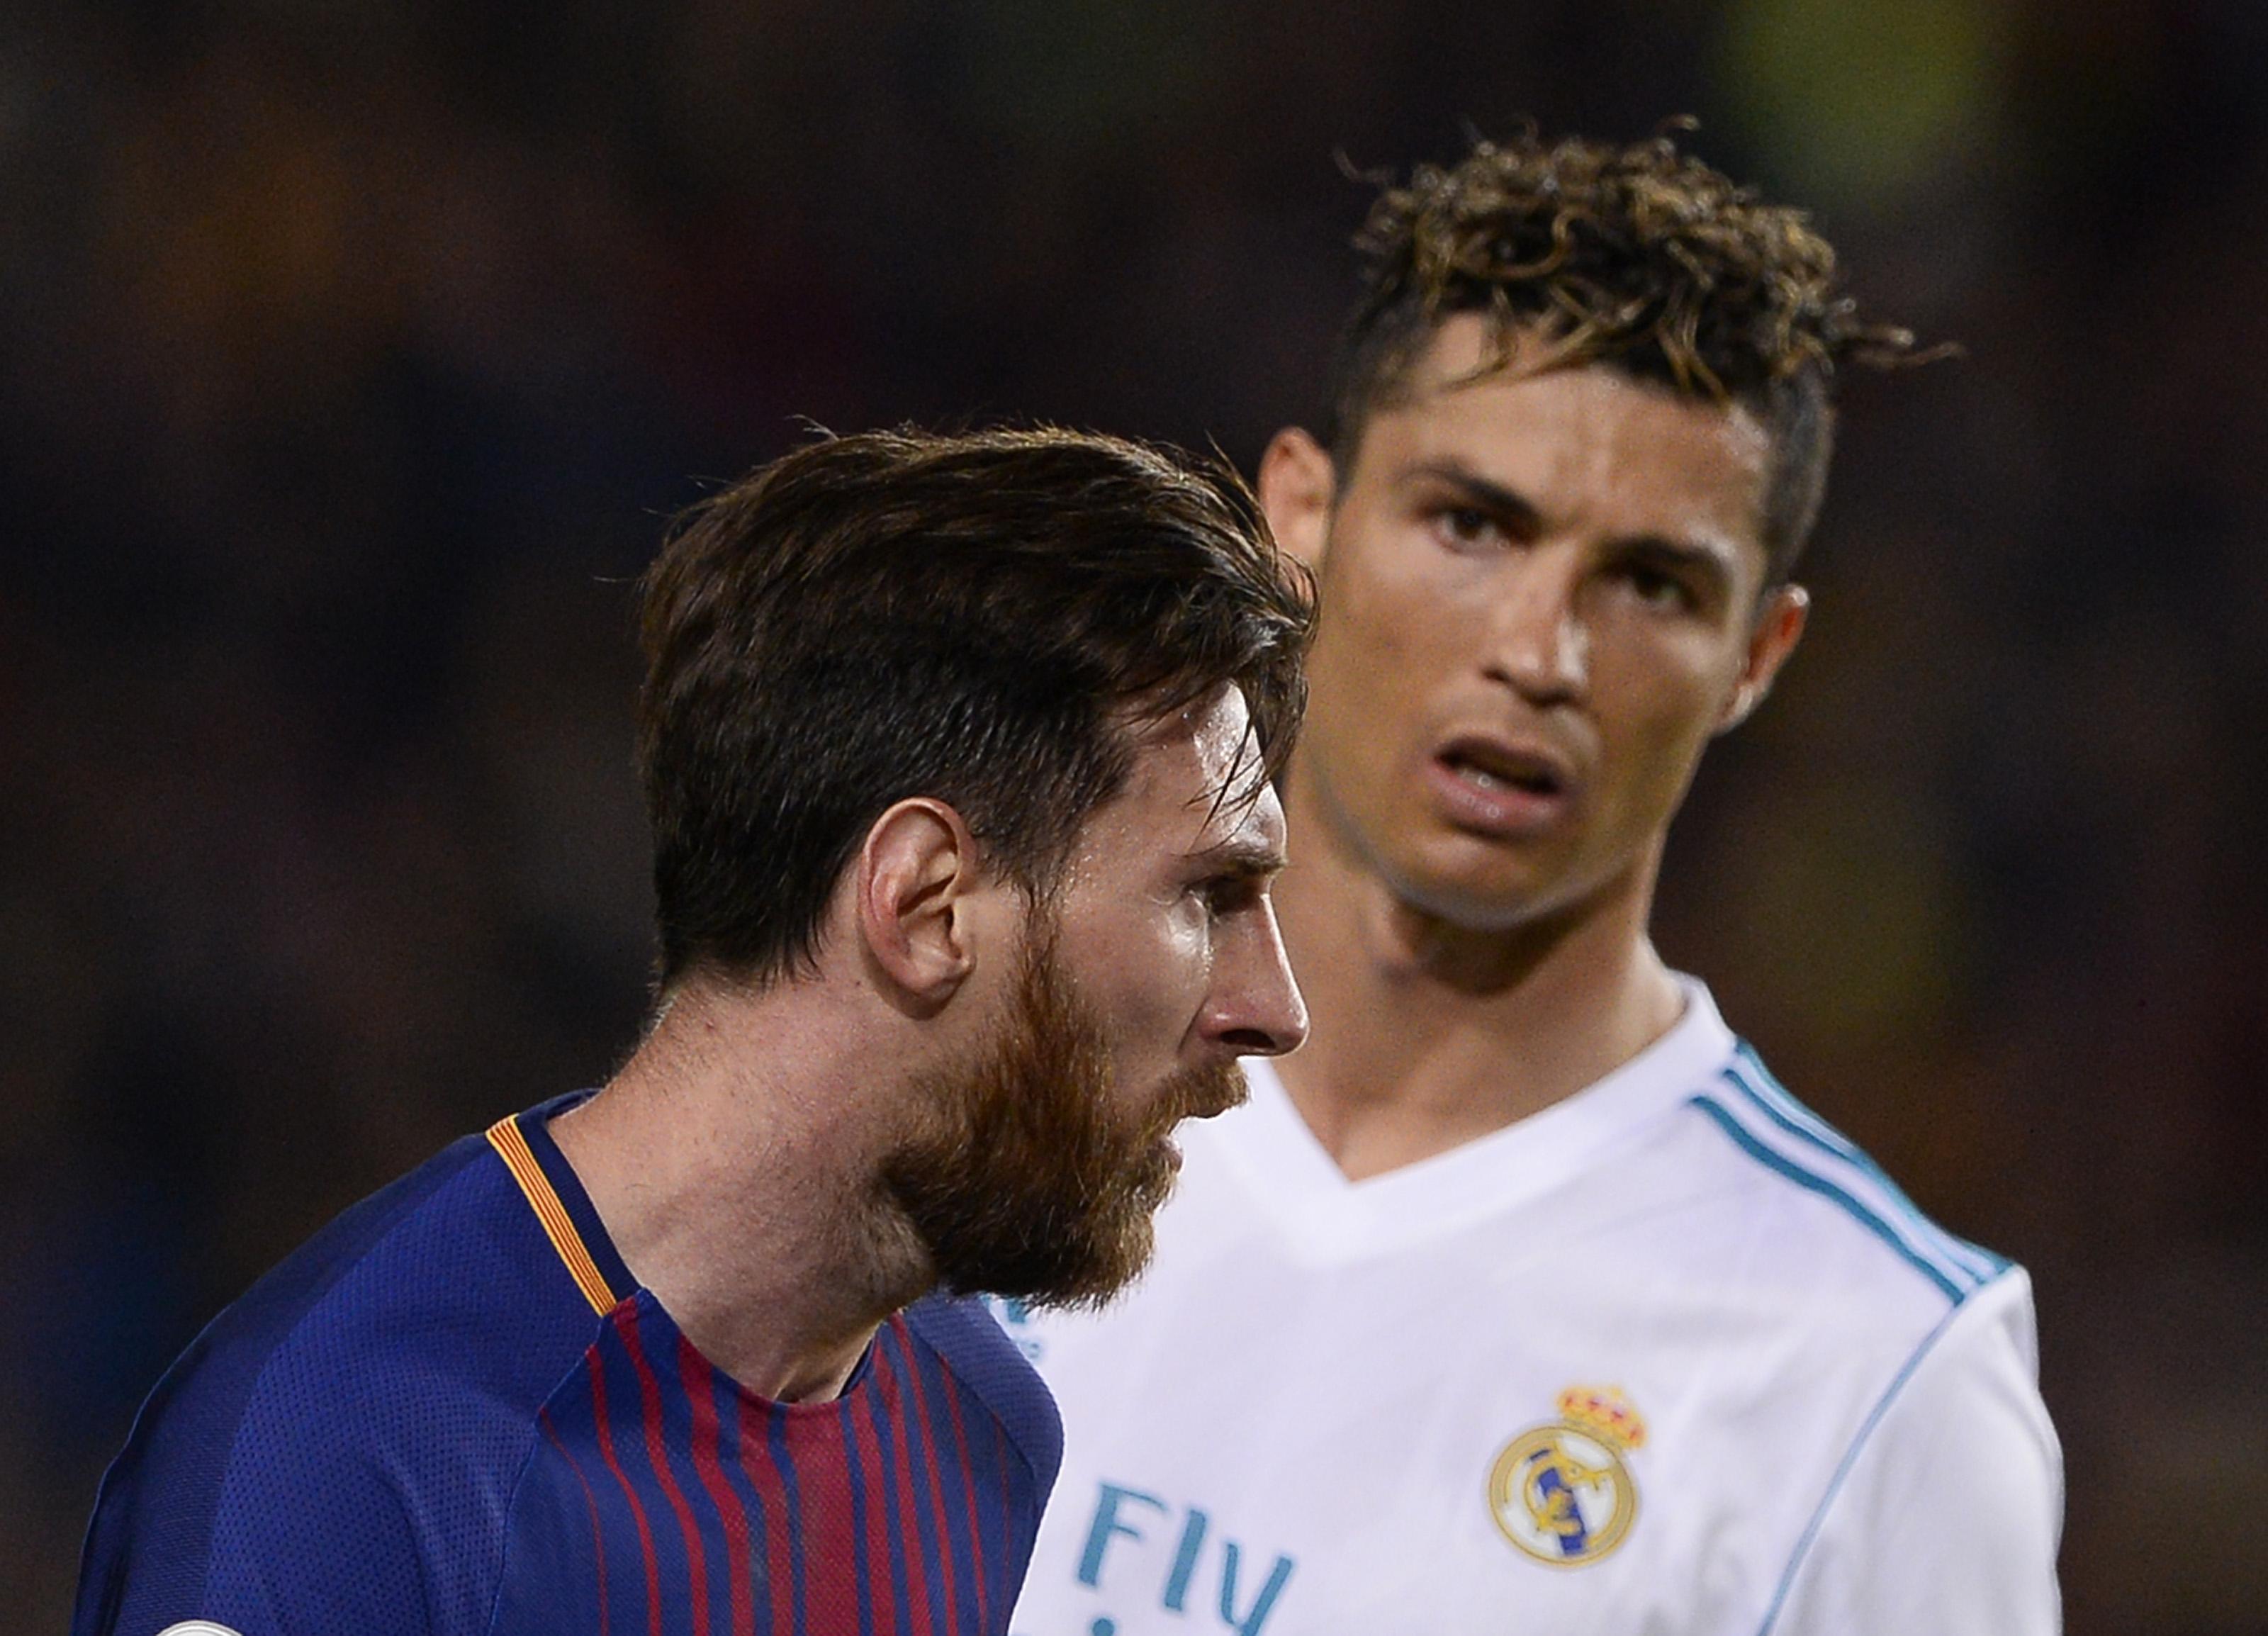 ميسي ورونالدو خلال مباراة بين برشلونة وريال مدريد عام 2018 - أرشيف